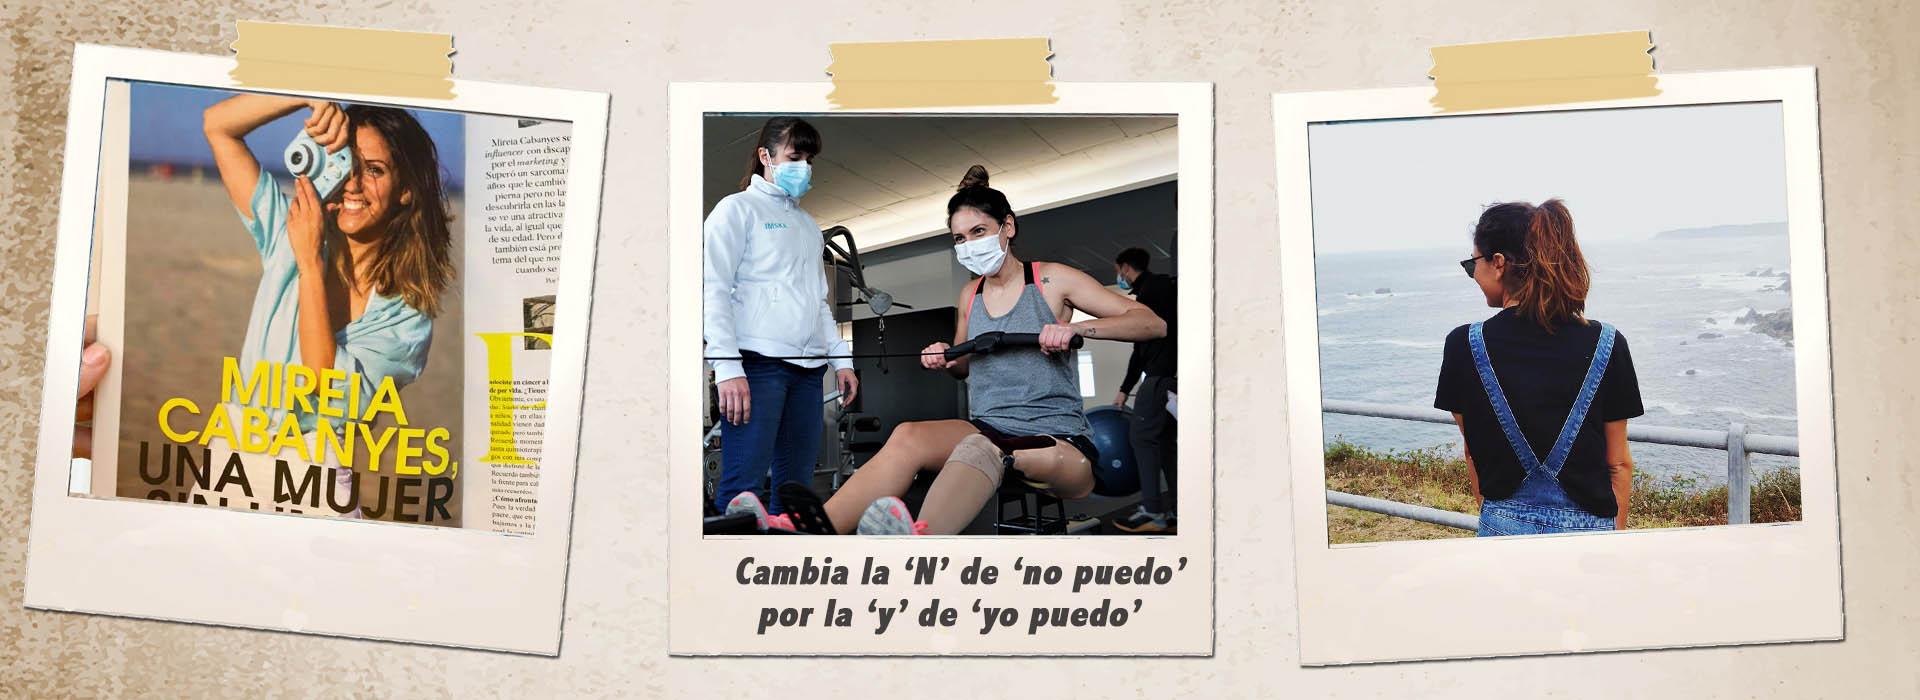 Mireia y un cartel: cambia la 'N' del No puedo por la 'y' del YO PUEDO